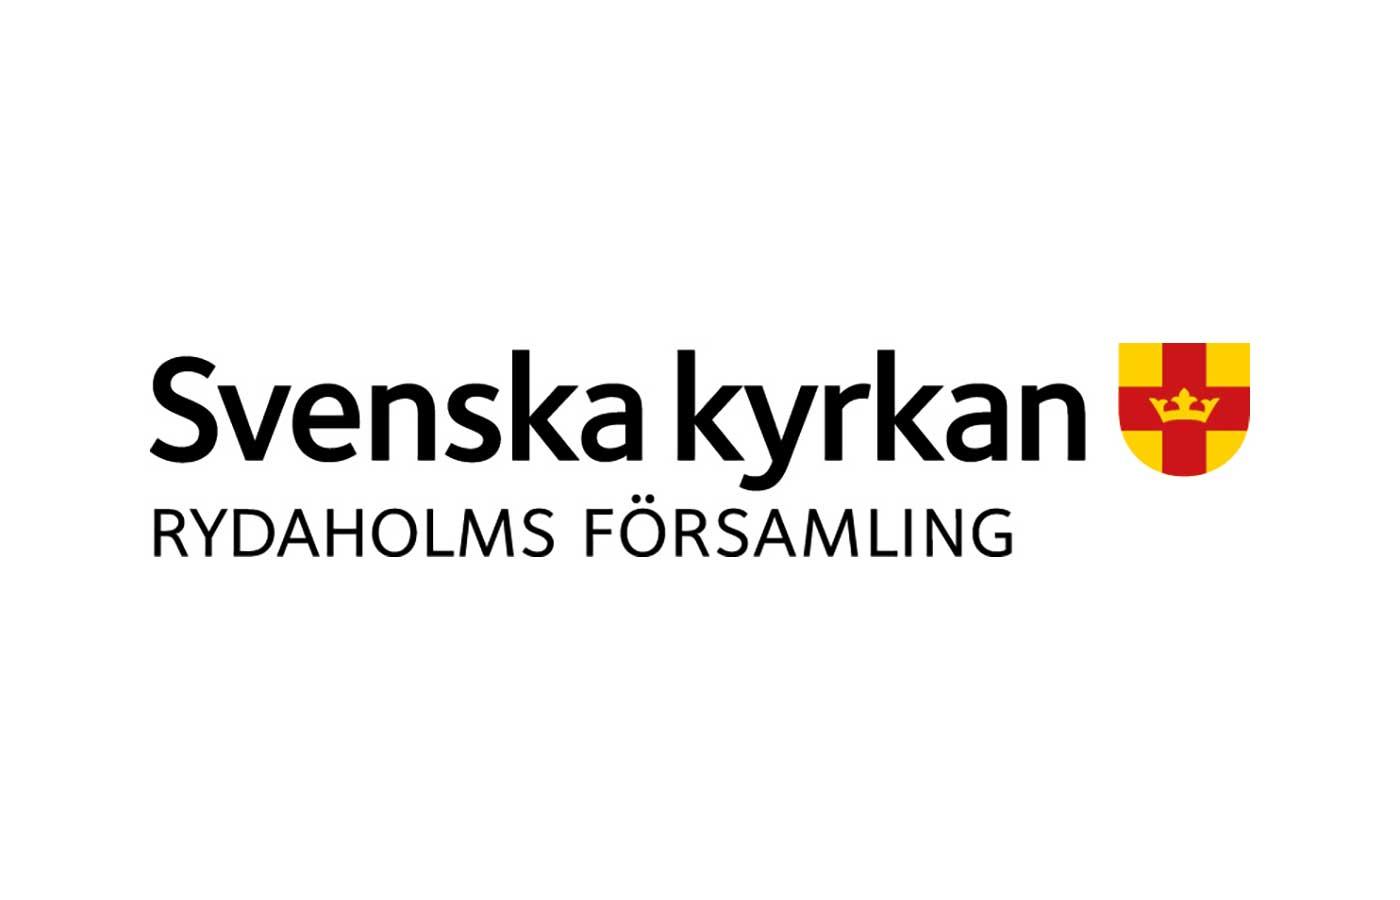 Svenska kyrkan Rydaholm